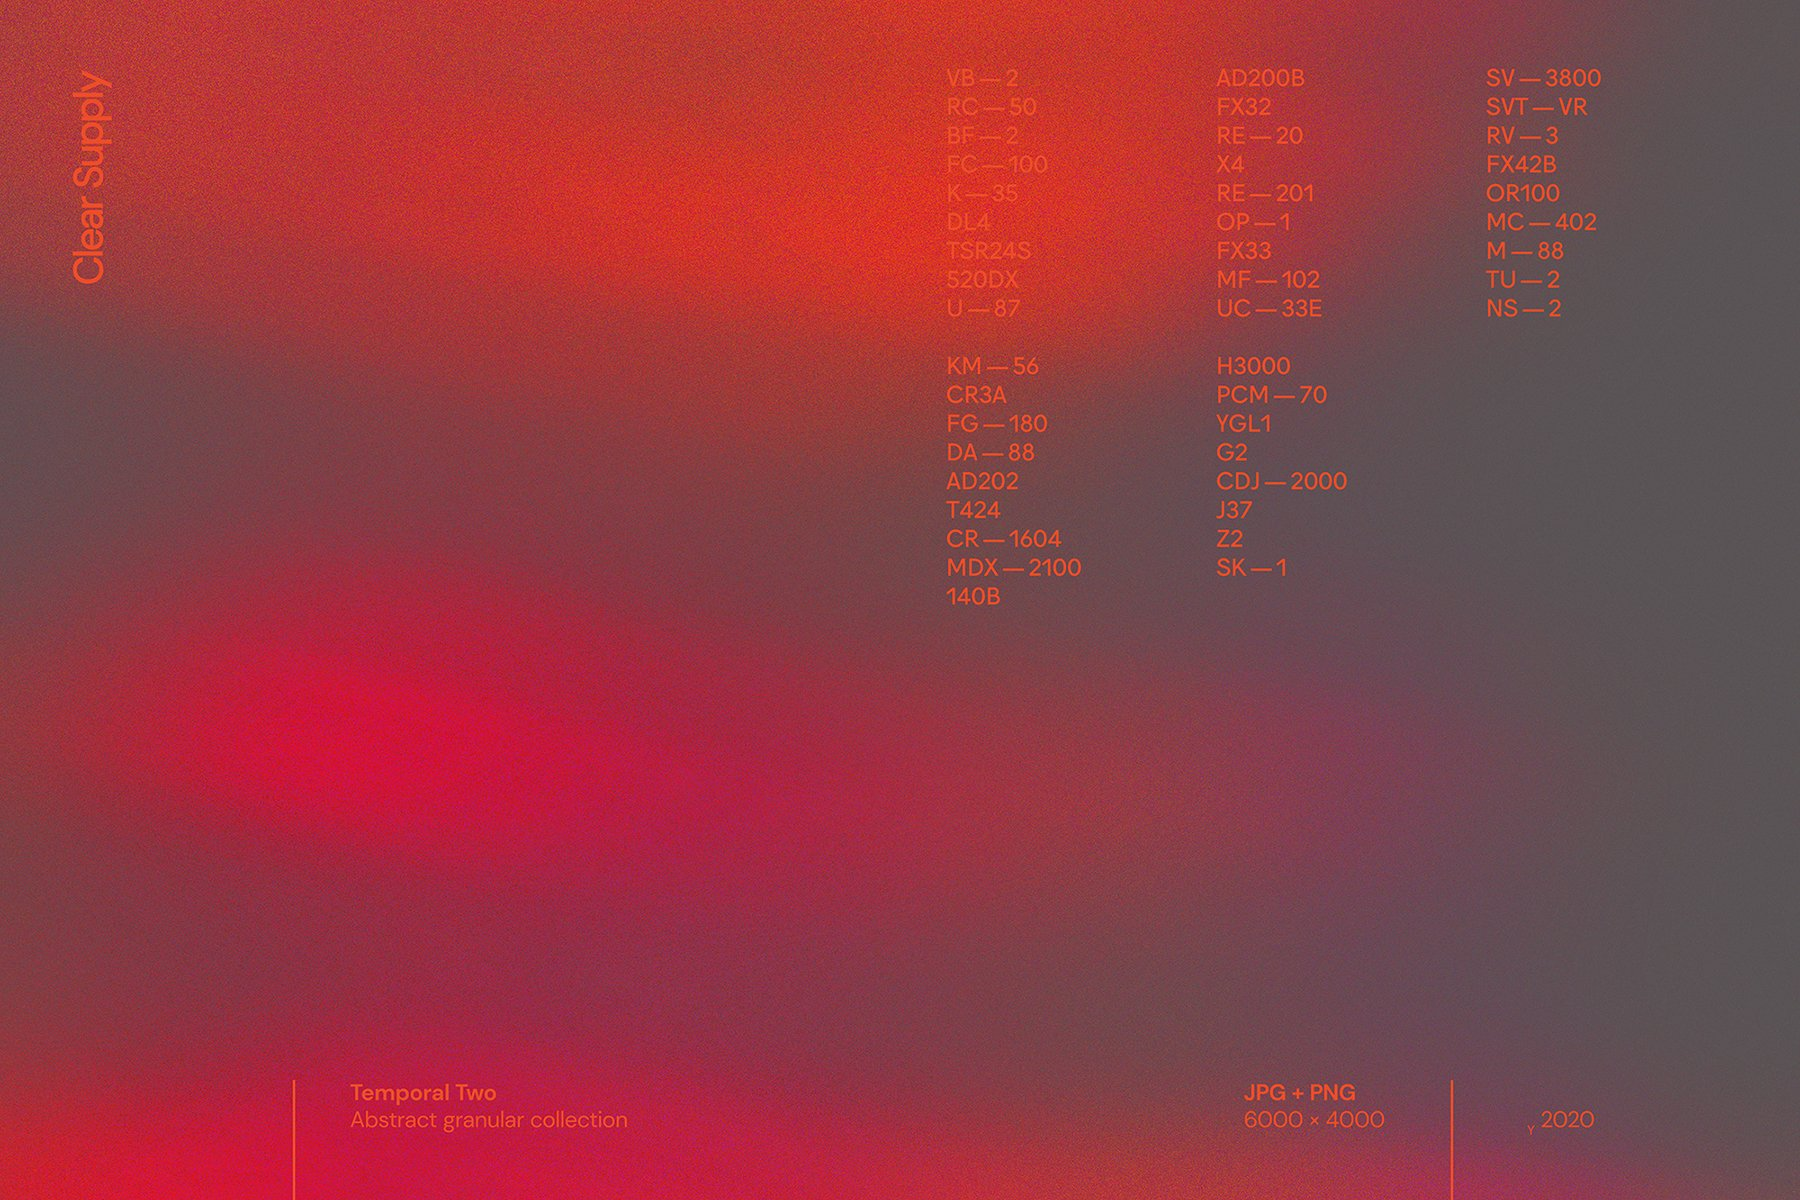 14款高清炫彩抽象艺术动感模糊渐变海报背景图片素材 Clear Supply – Temporal Two插图8